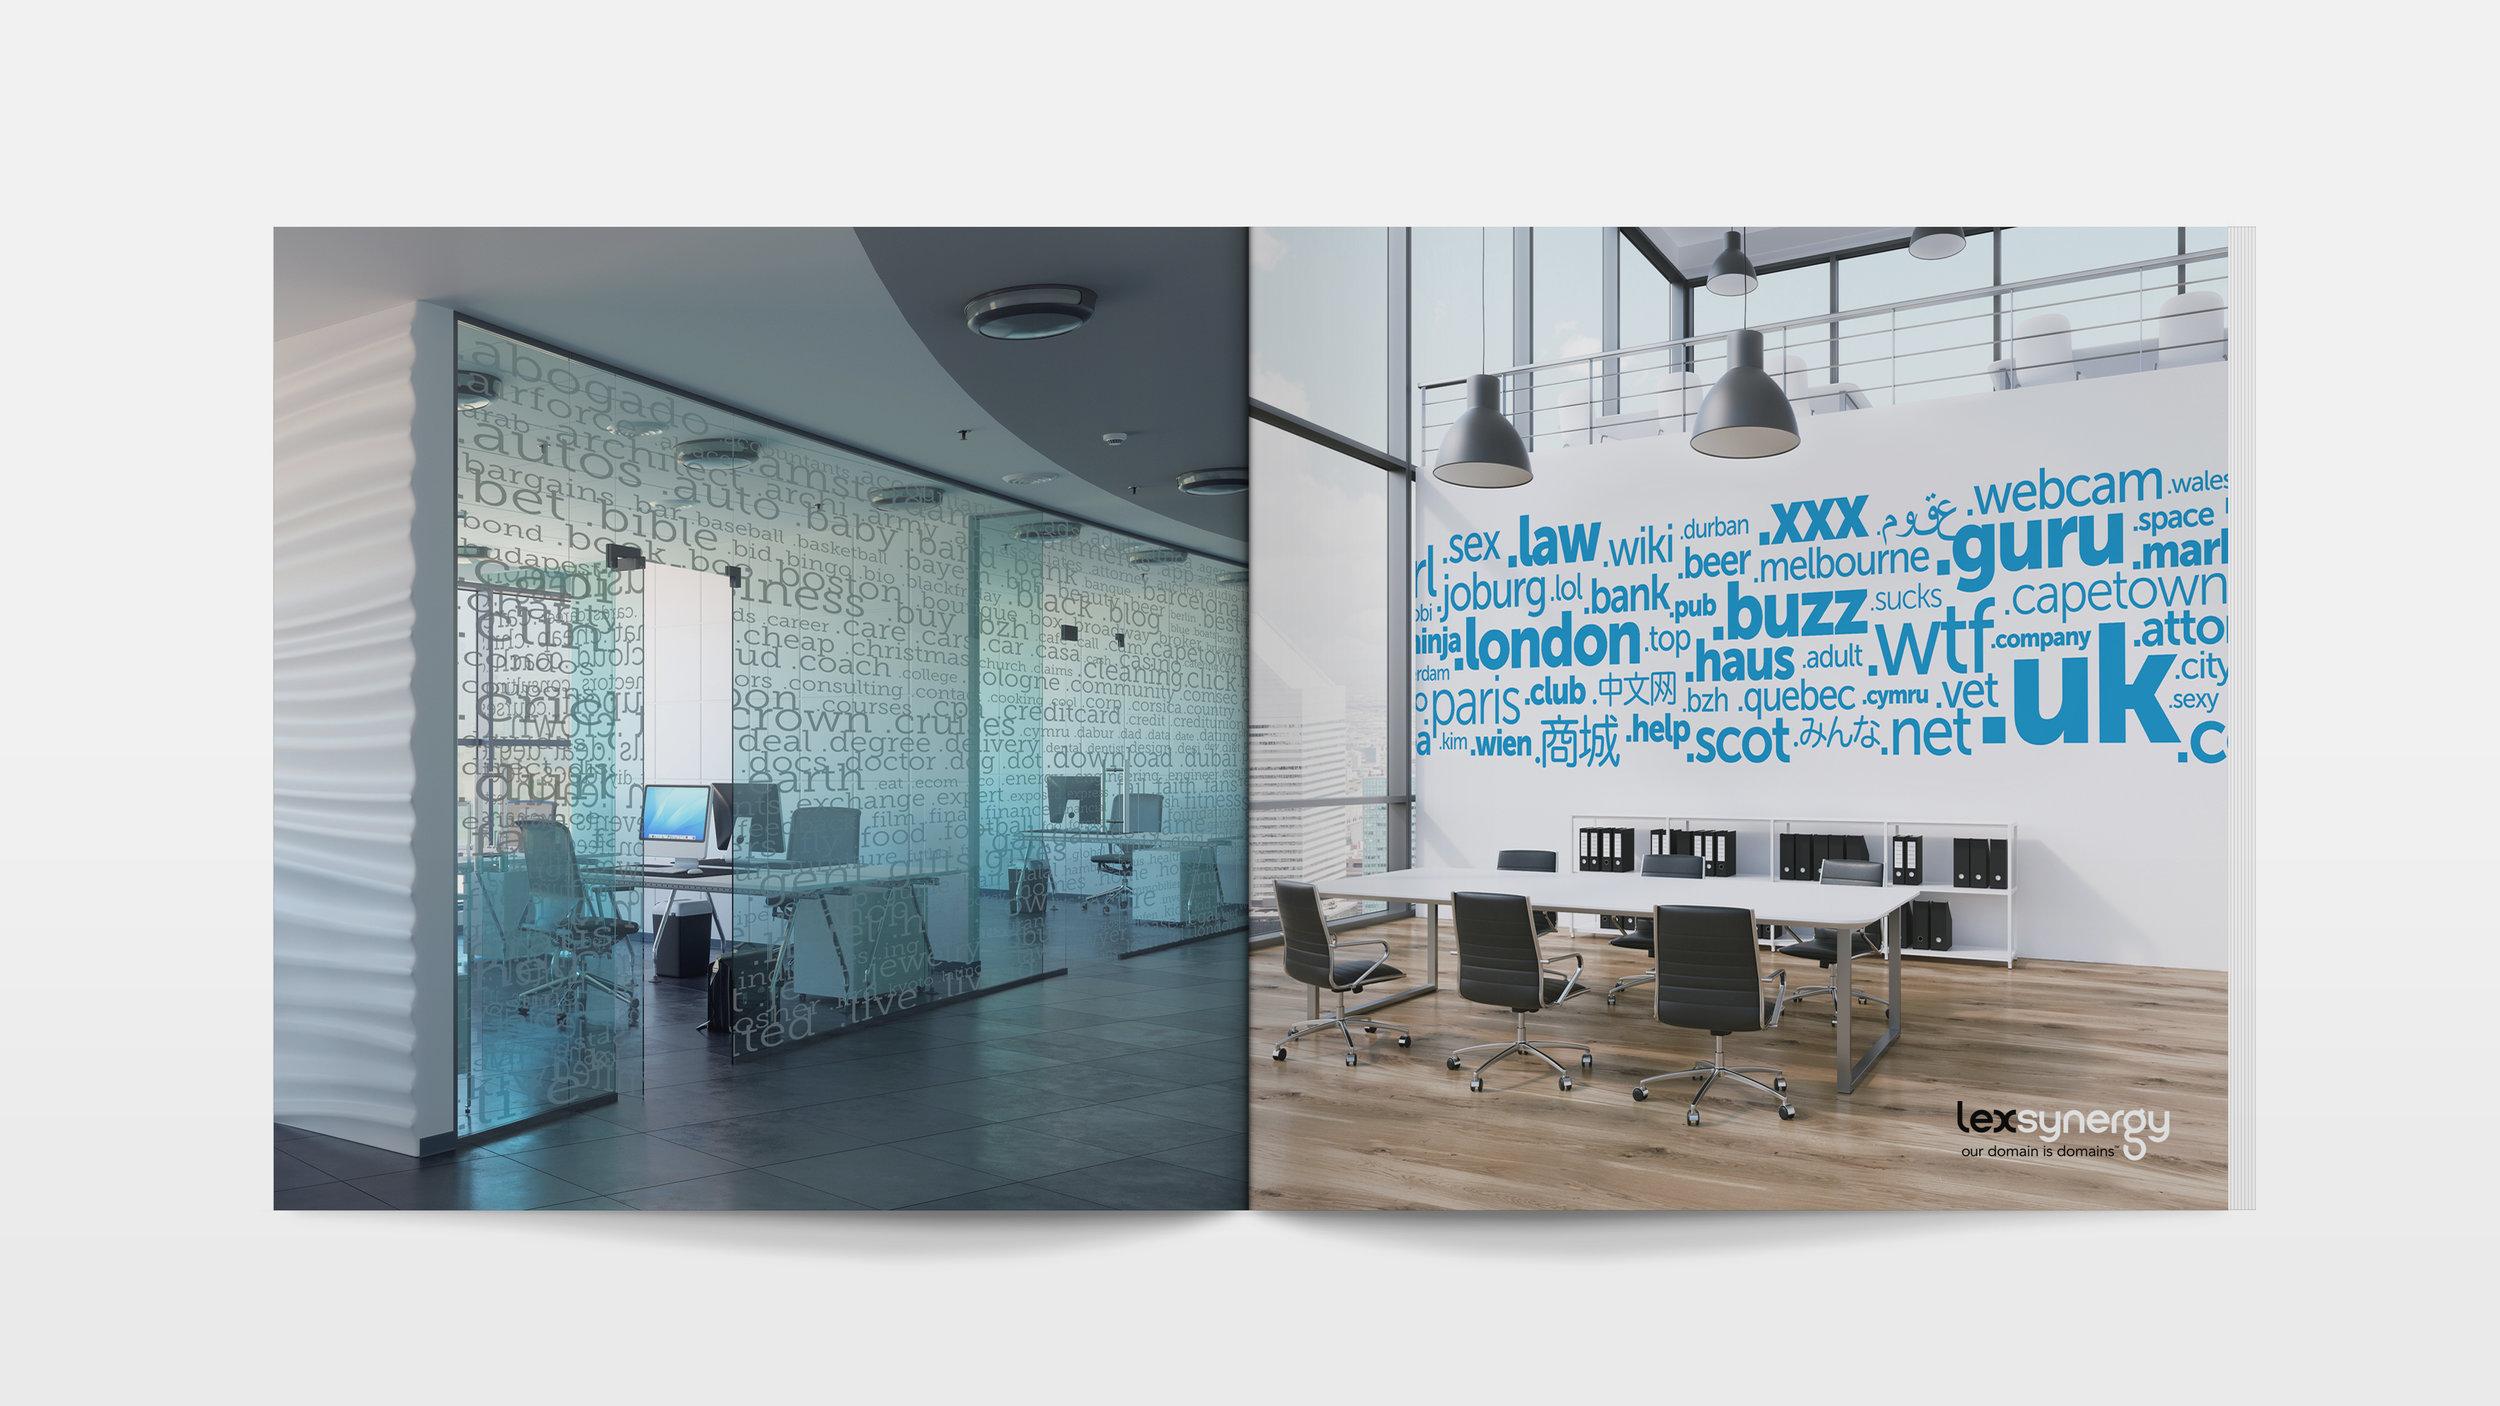 Brand_republica_interior_design_signage_lexsynergy.jpg